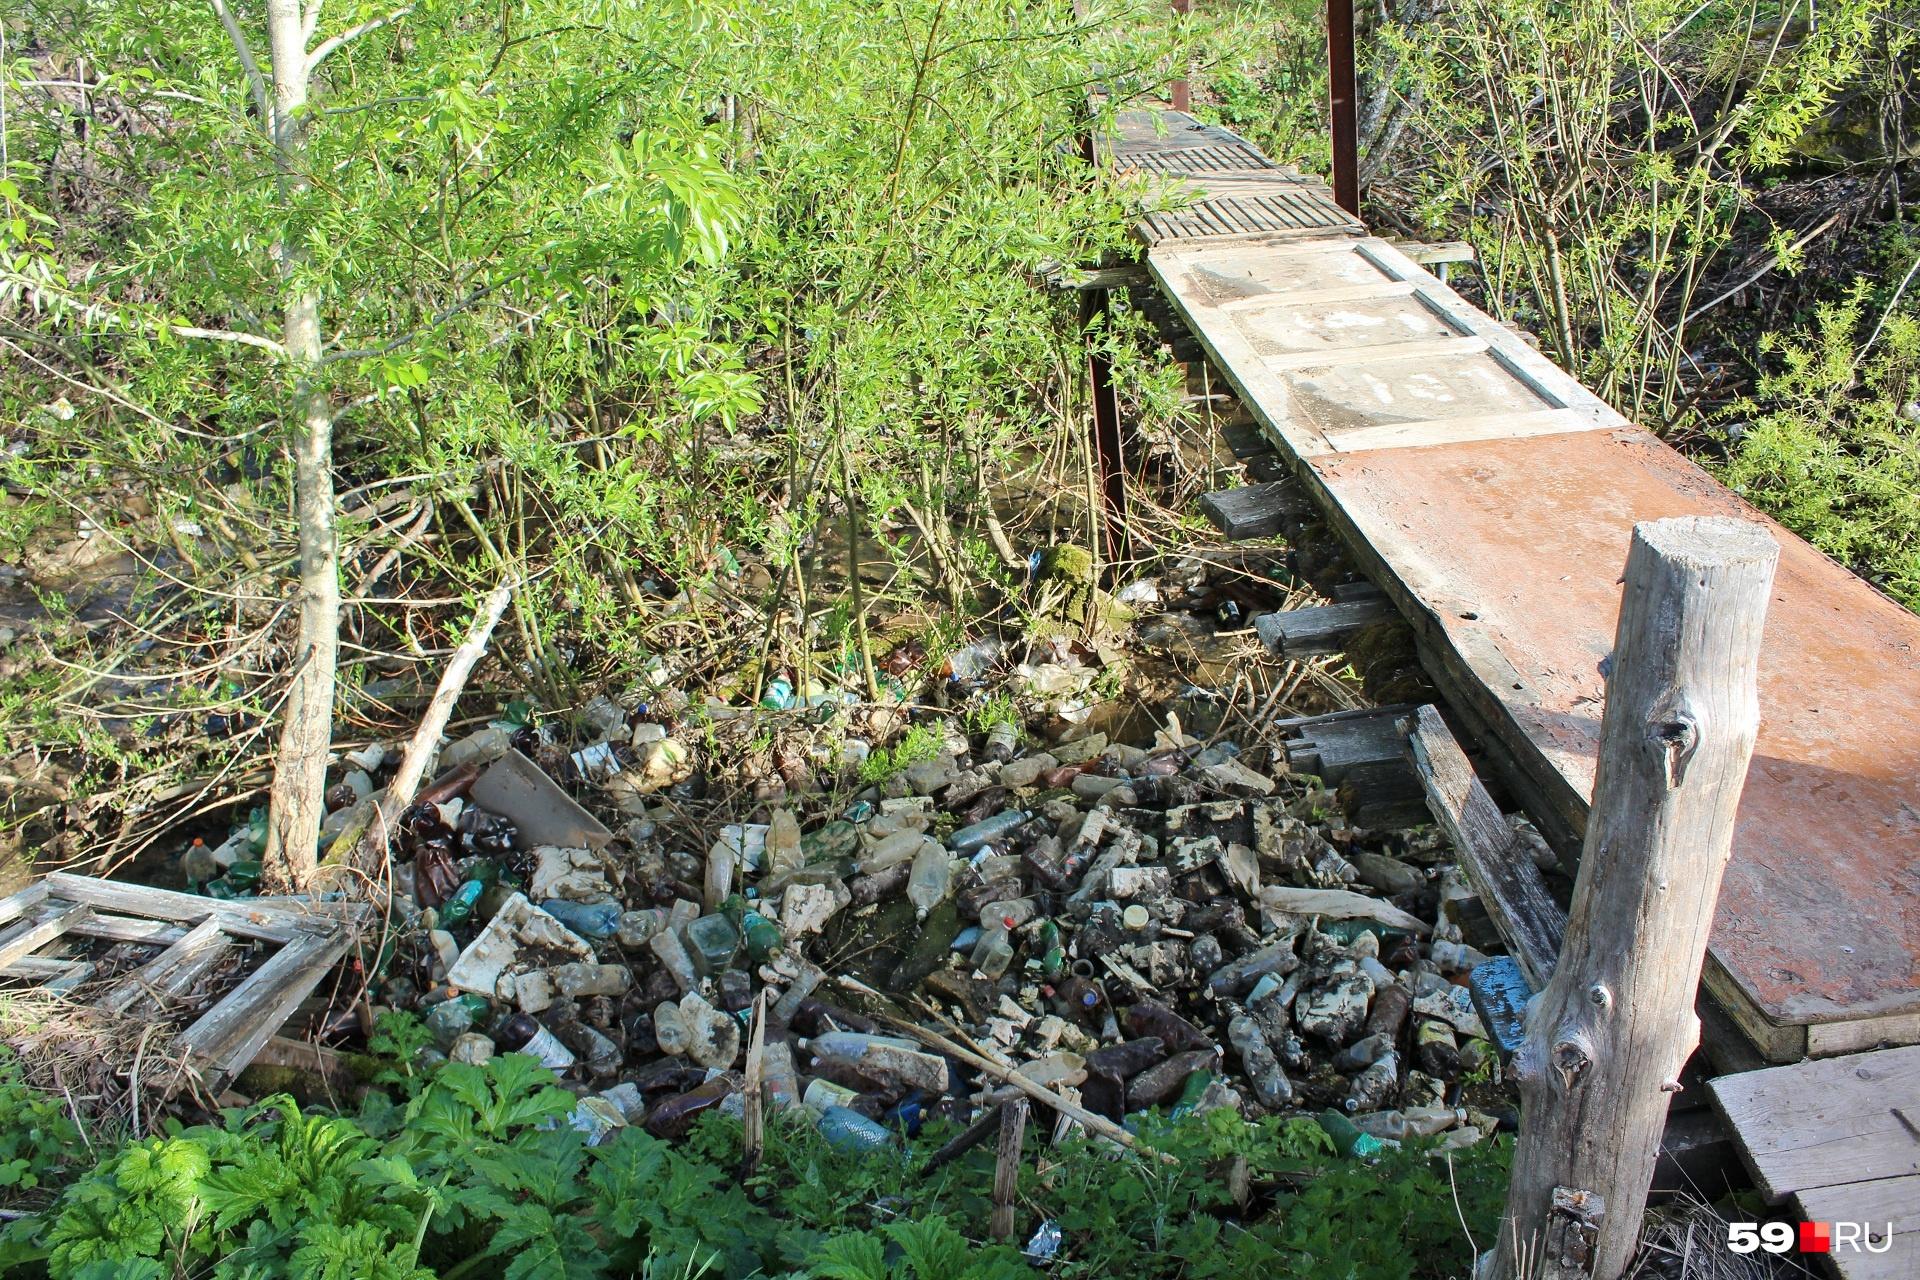 Вот кончились дома, вот мостик через речушку (под мусором журчит вода)